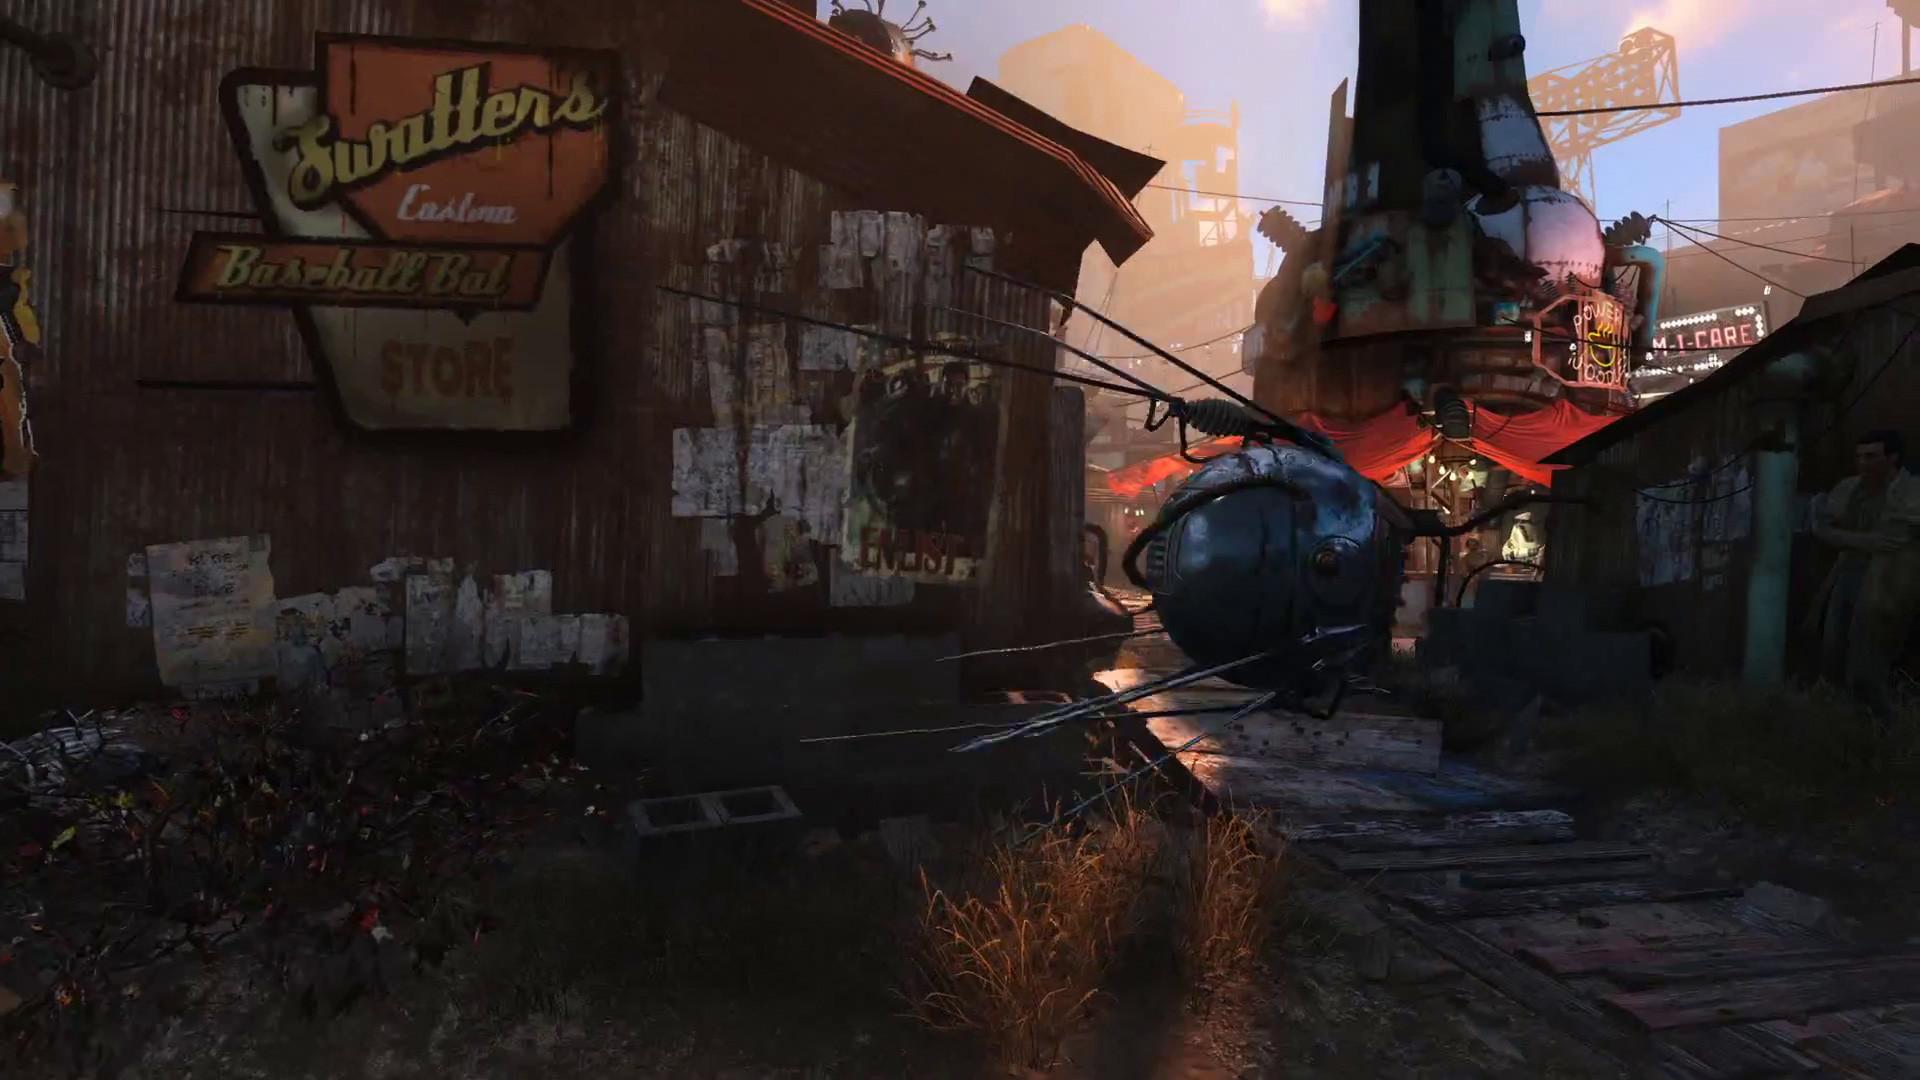 Fallout 4 – Enclave eyebot screencap 1920